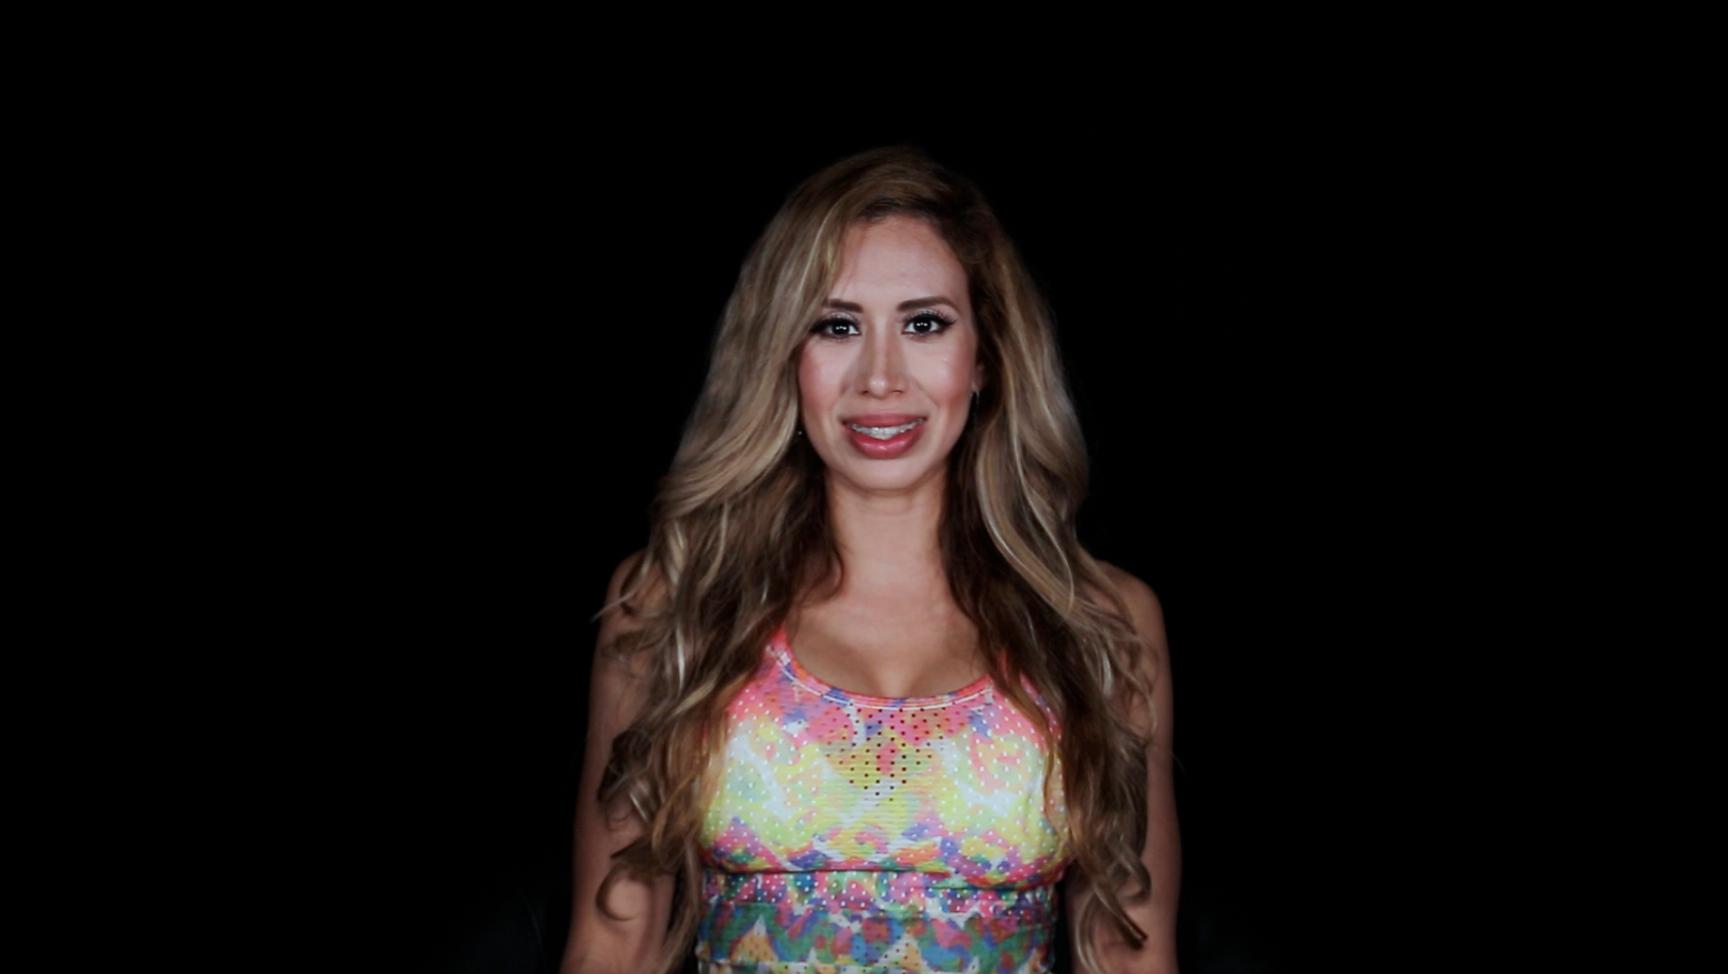 Vera Atilano, 31